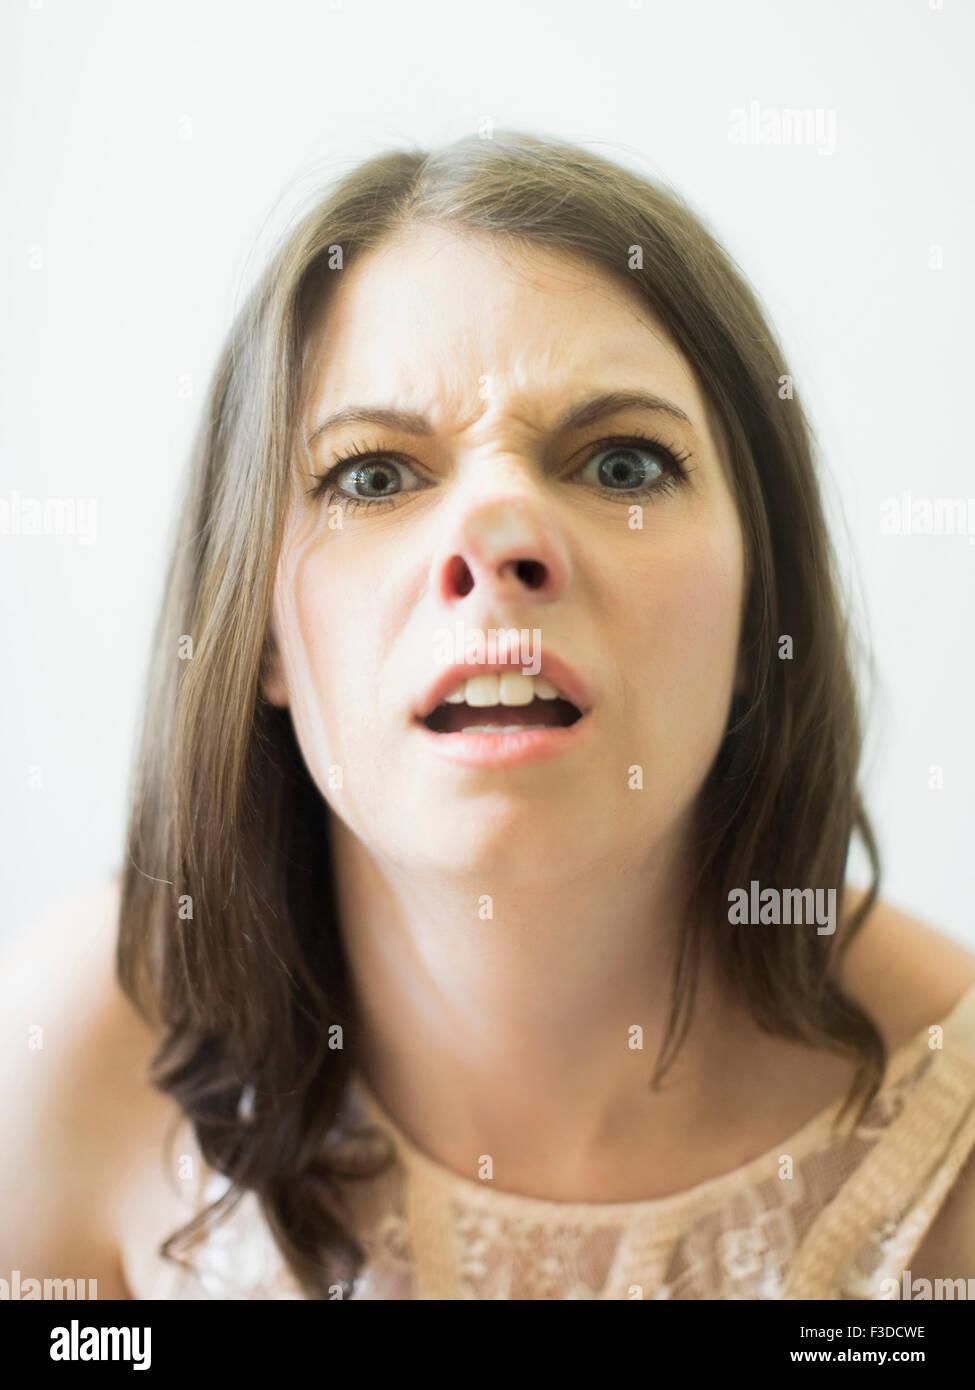 Mujer haciendo cara divertida sobre vidrio Imagen De Stock